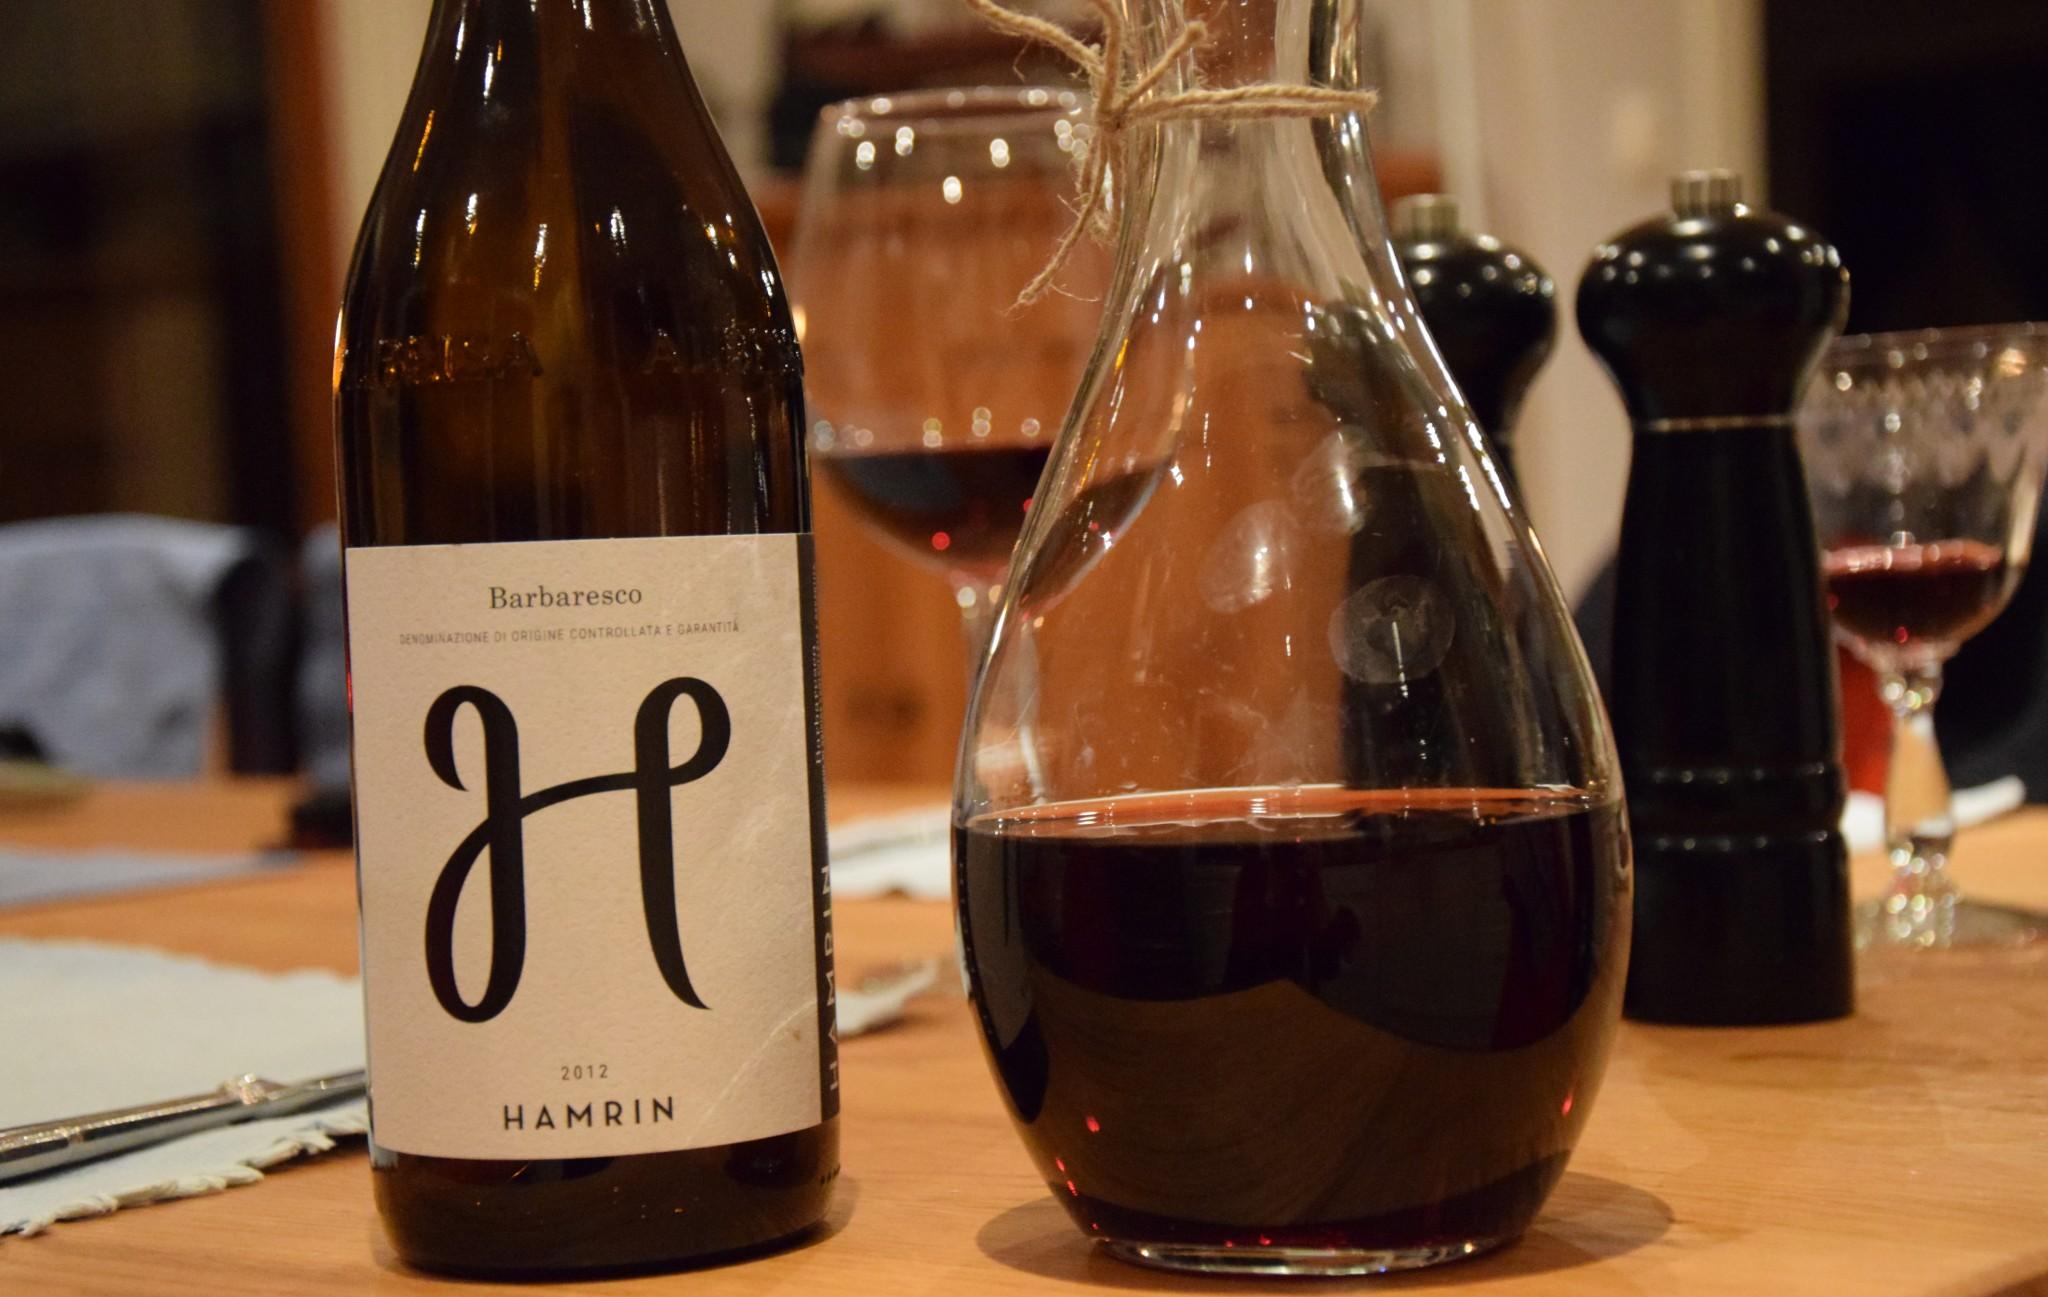 Hamrin vin